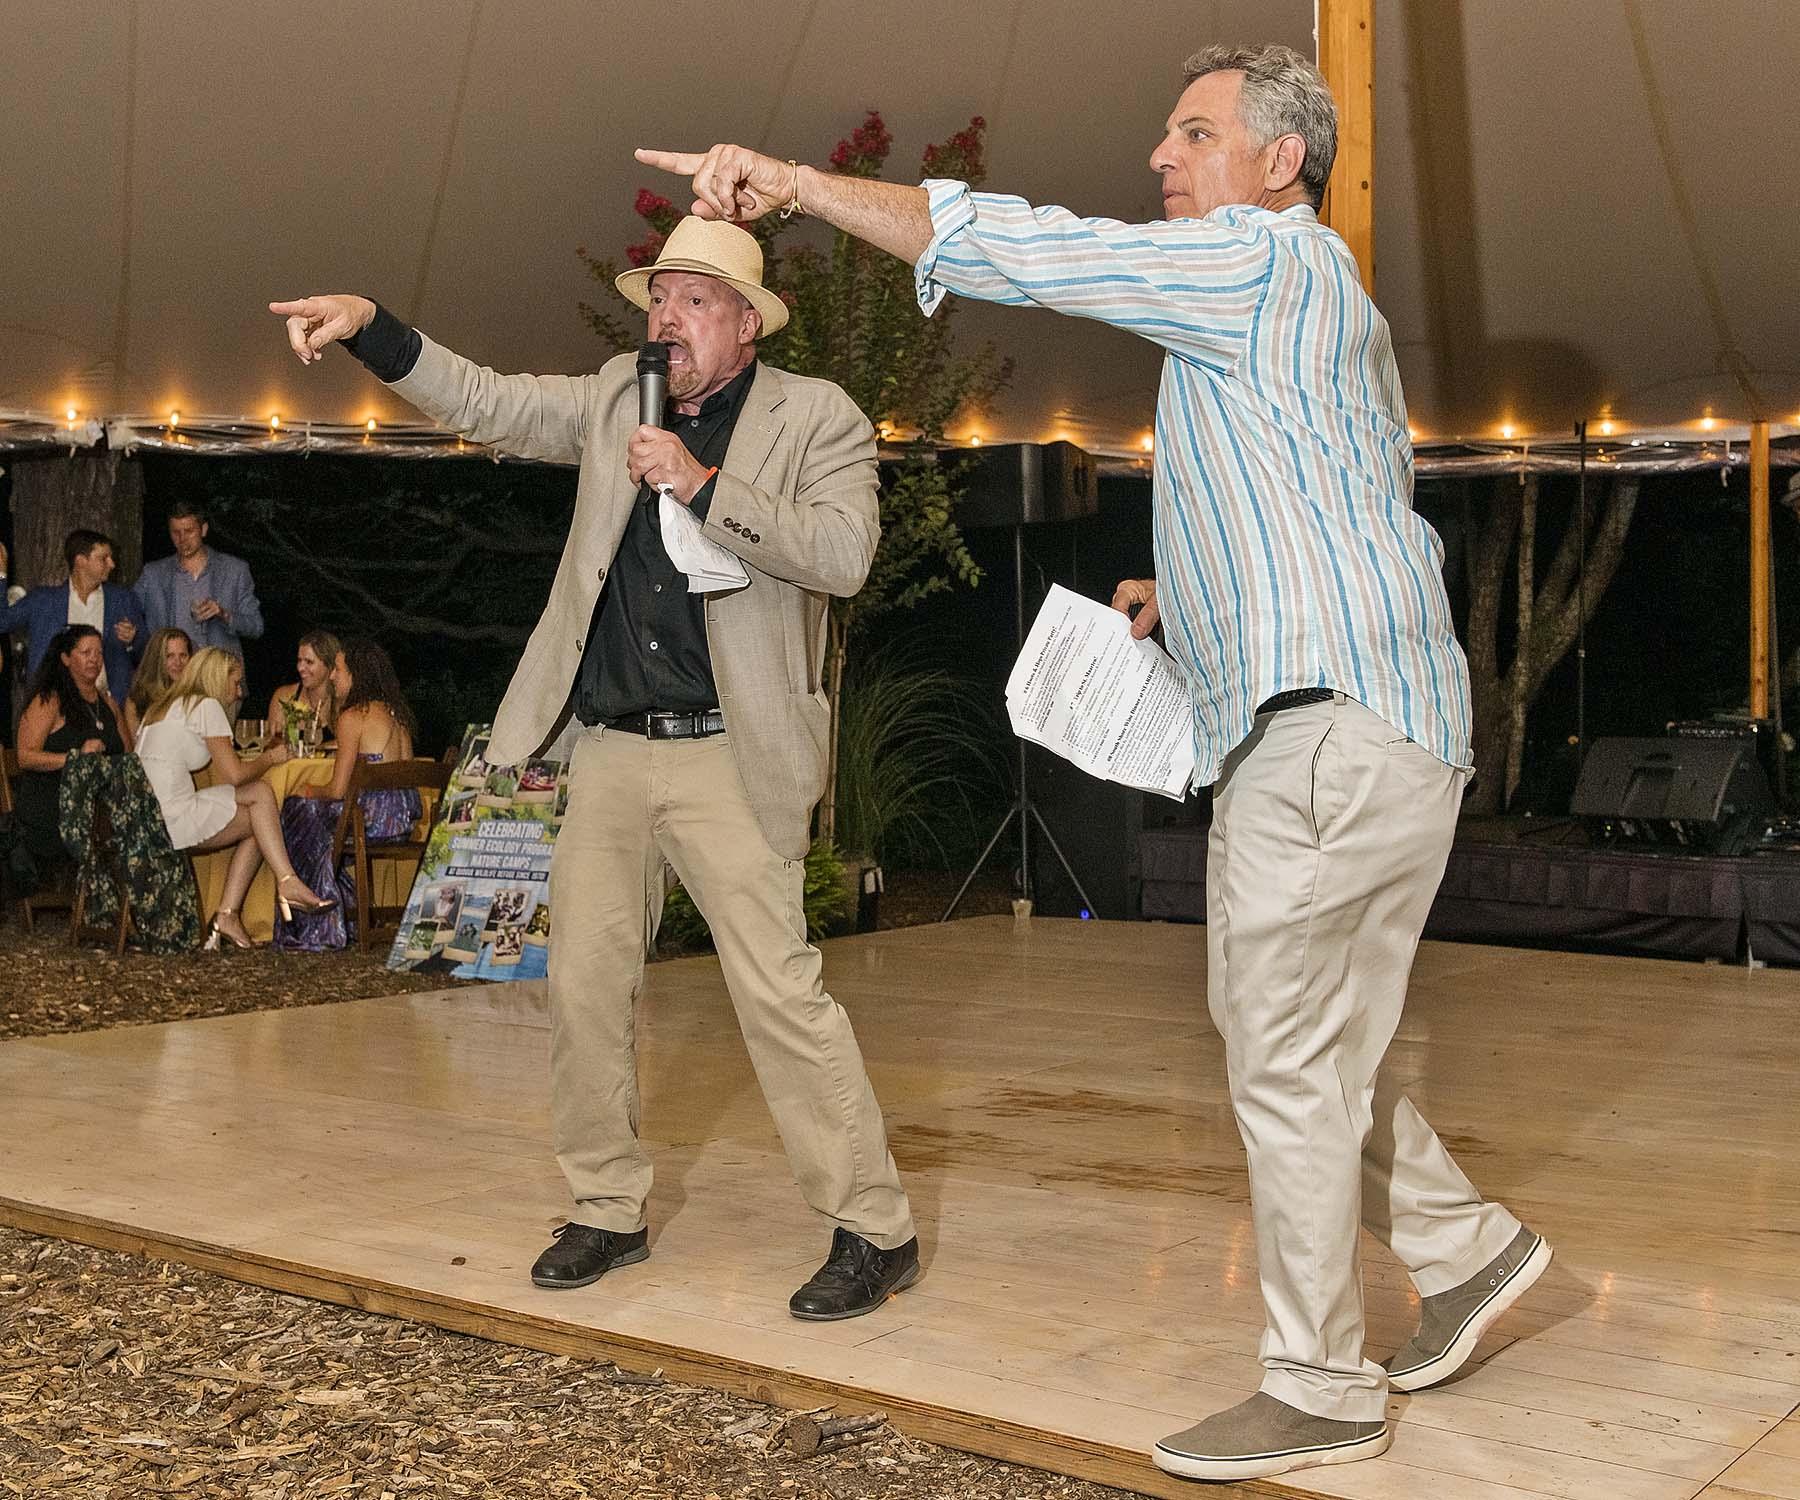 Jim-Cramer-Bill-Ritter-Live-Auctioning